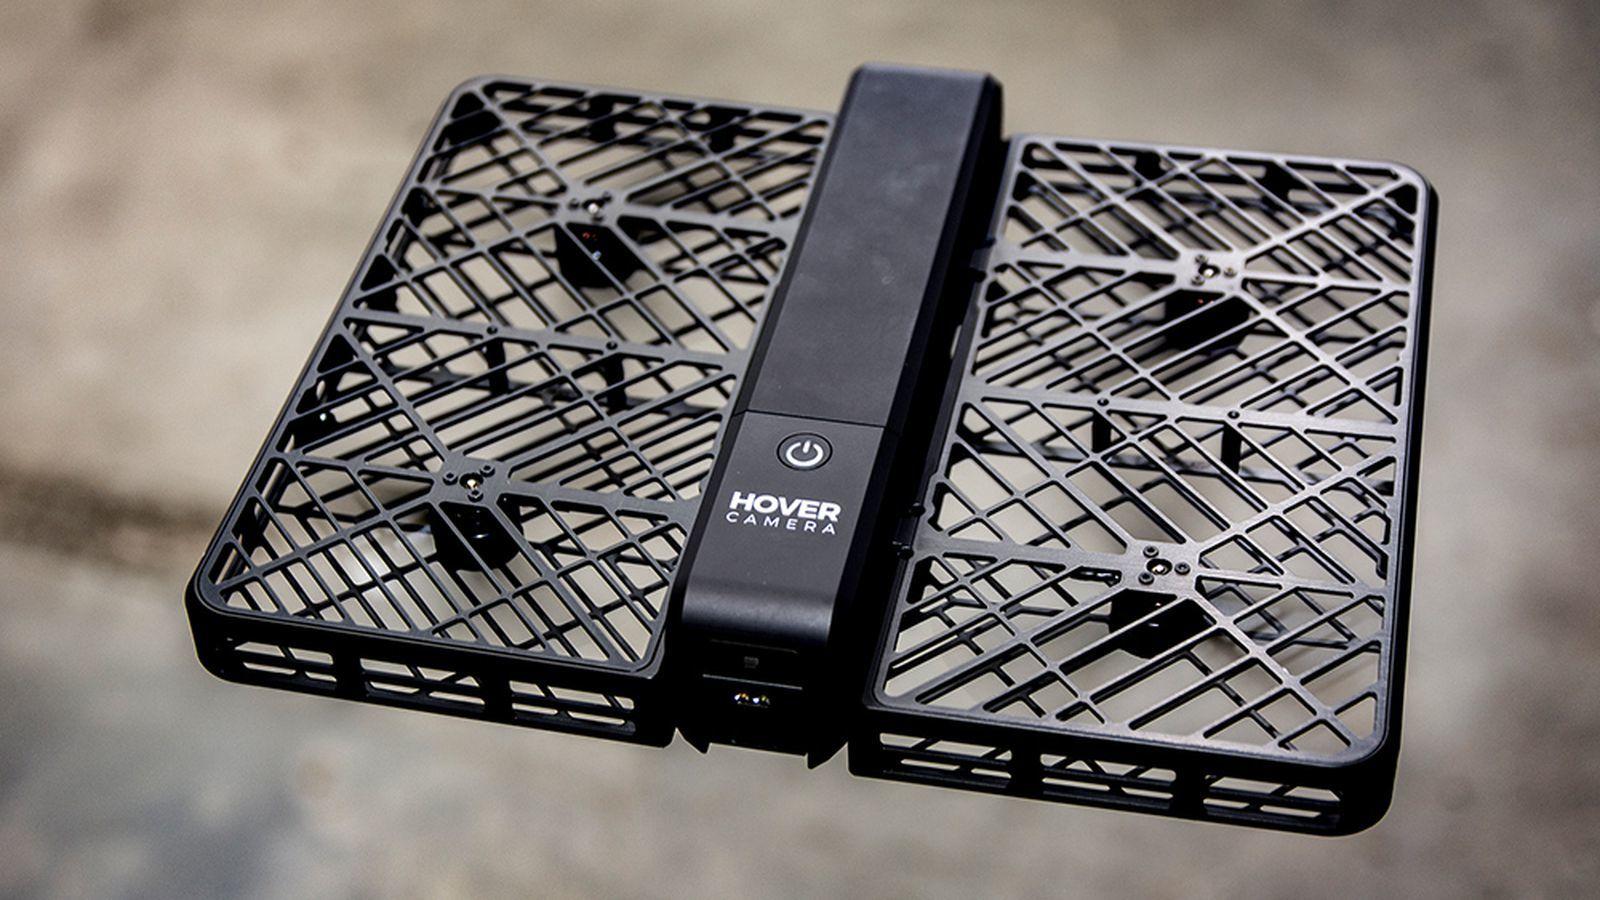 Портативные селфи-дроны: обзор Hover Camera Passport от Madrobots - 5